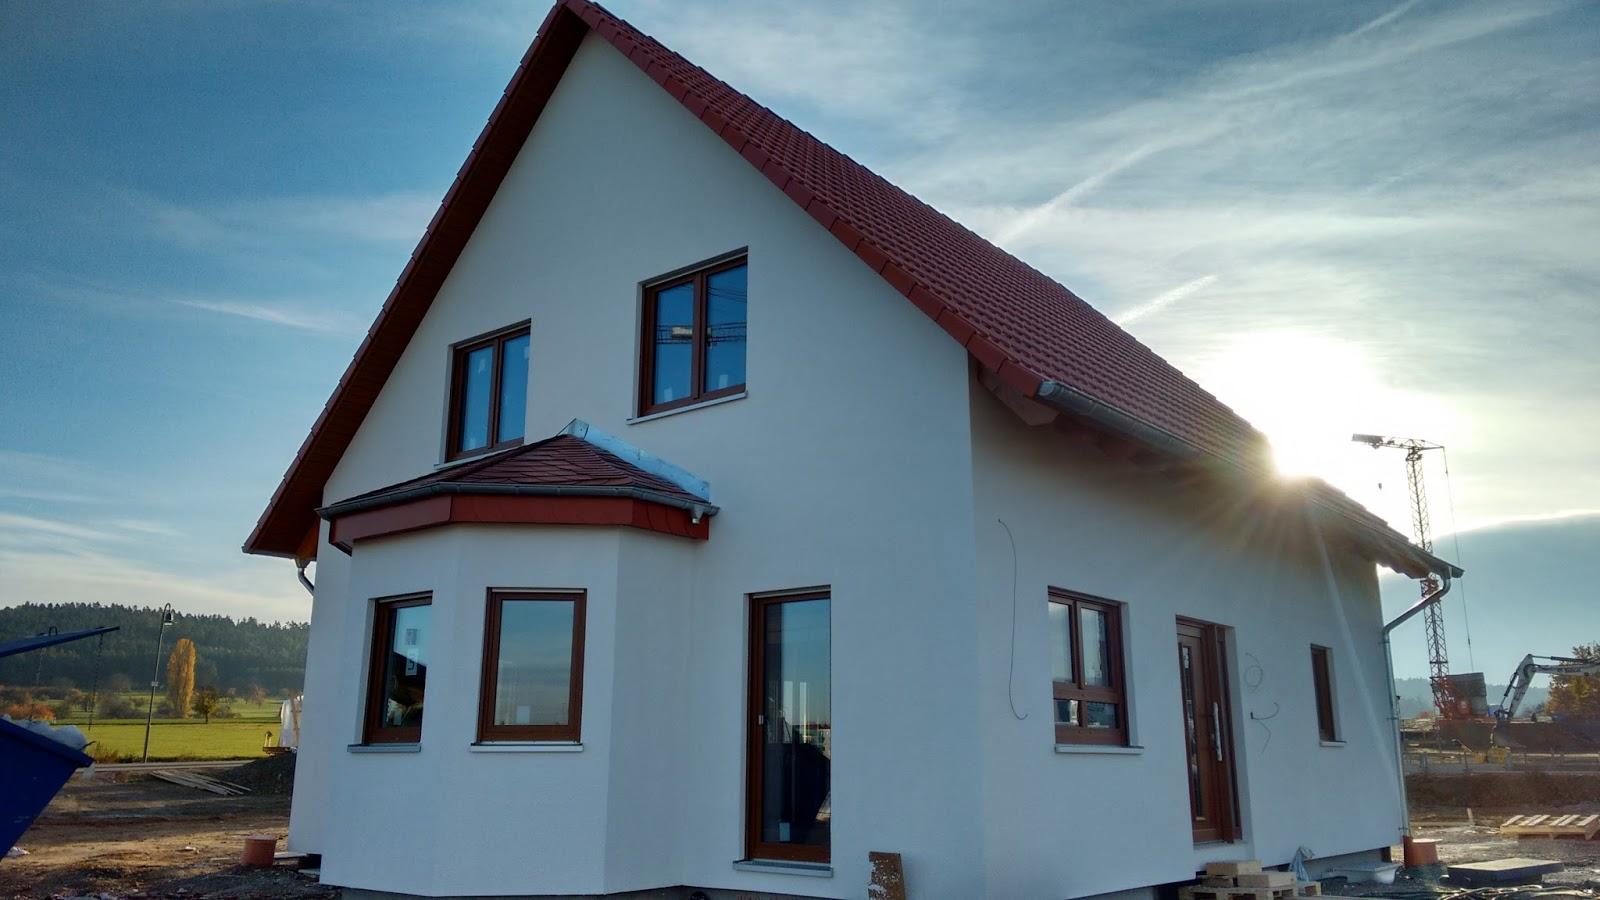 Exceptional Großartig Wie Man Ein Haus Neu Verkabelt Fotos   Der Schaltplan .